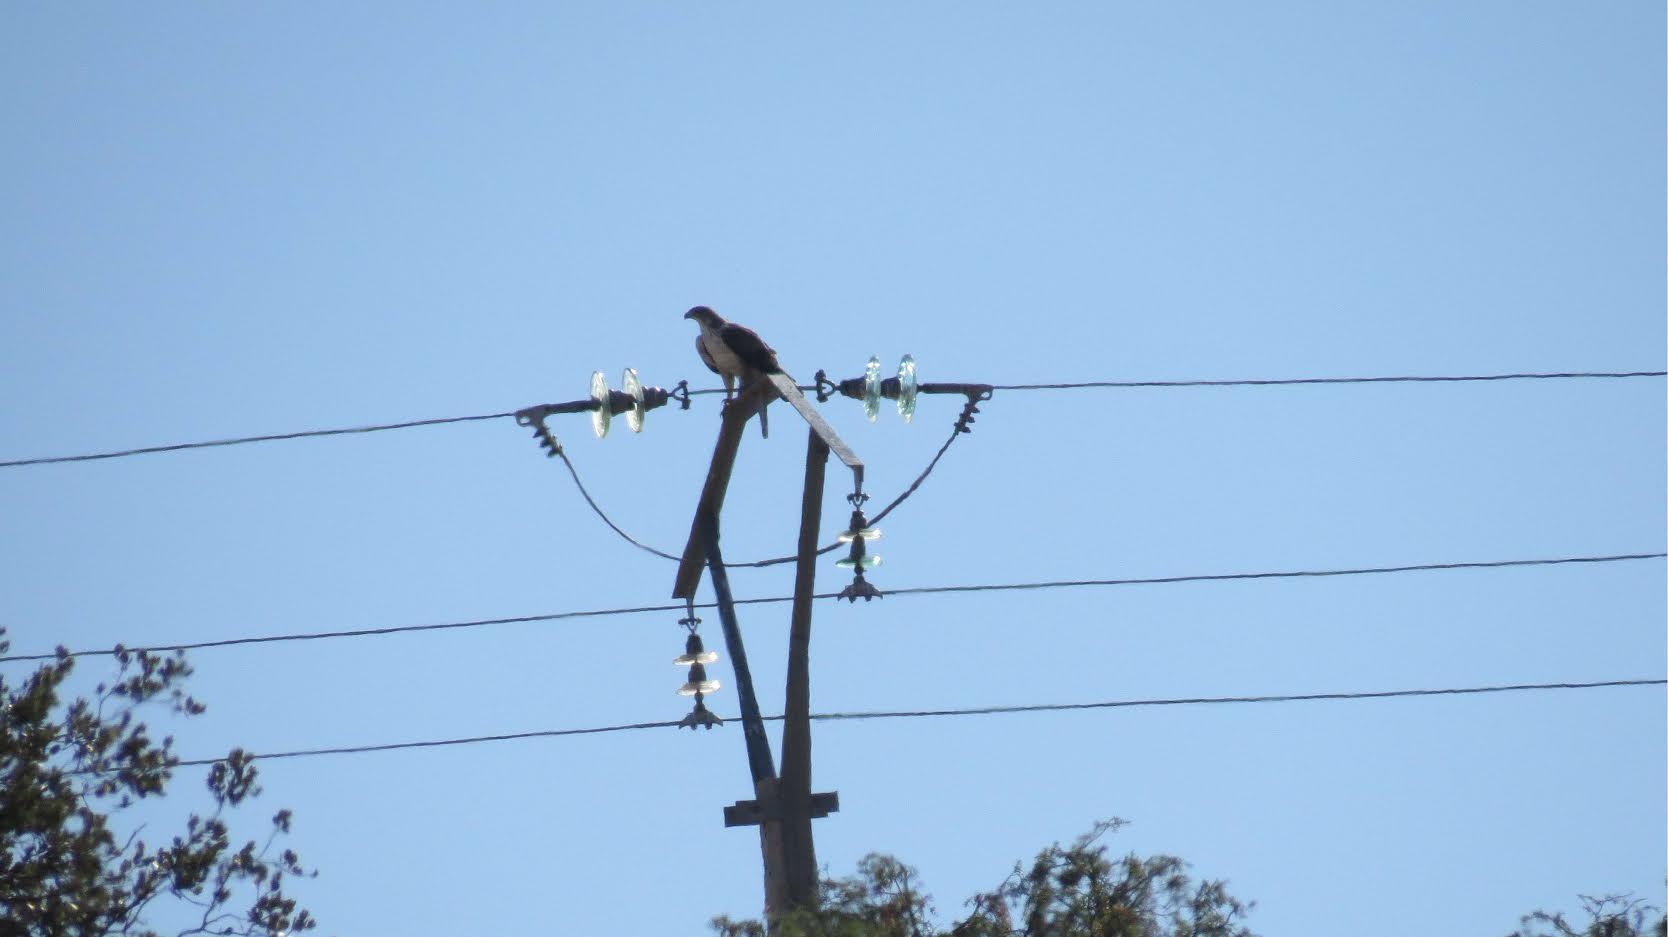 Águila de Bonelli posada en el apoyo de un tendido eléctrico. Imagen: Aquila a-LIFE